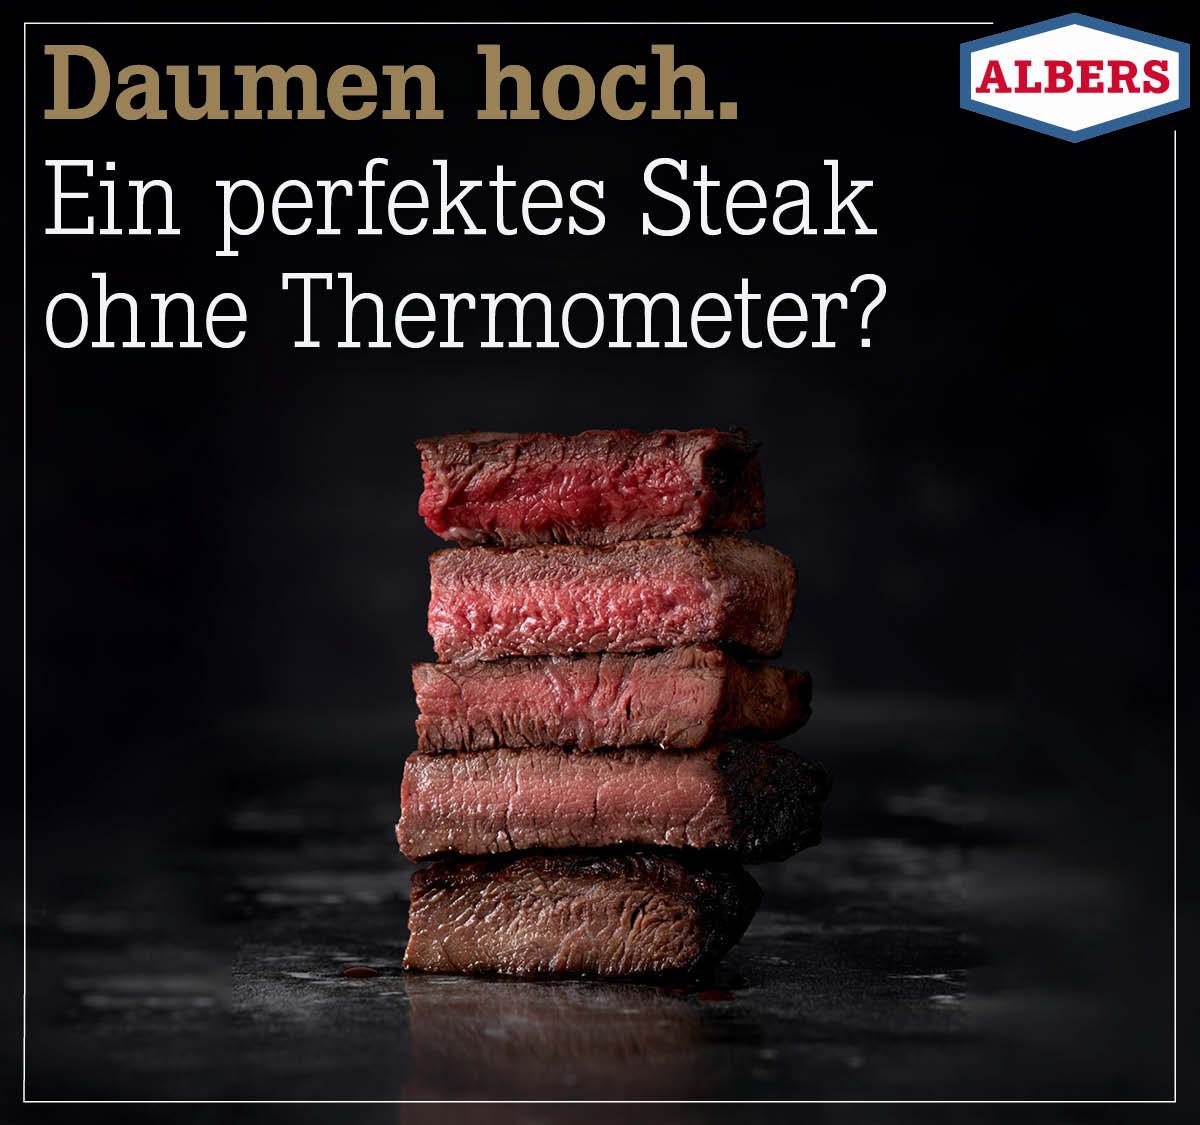 Daumen hoch. Ein perfektes Steak ohne Thermometer?